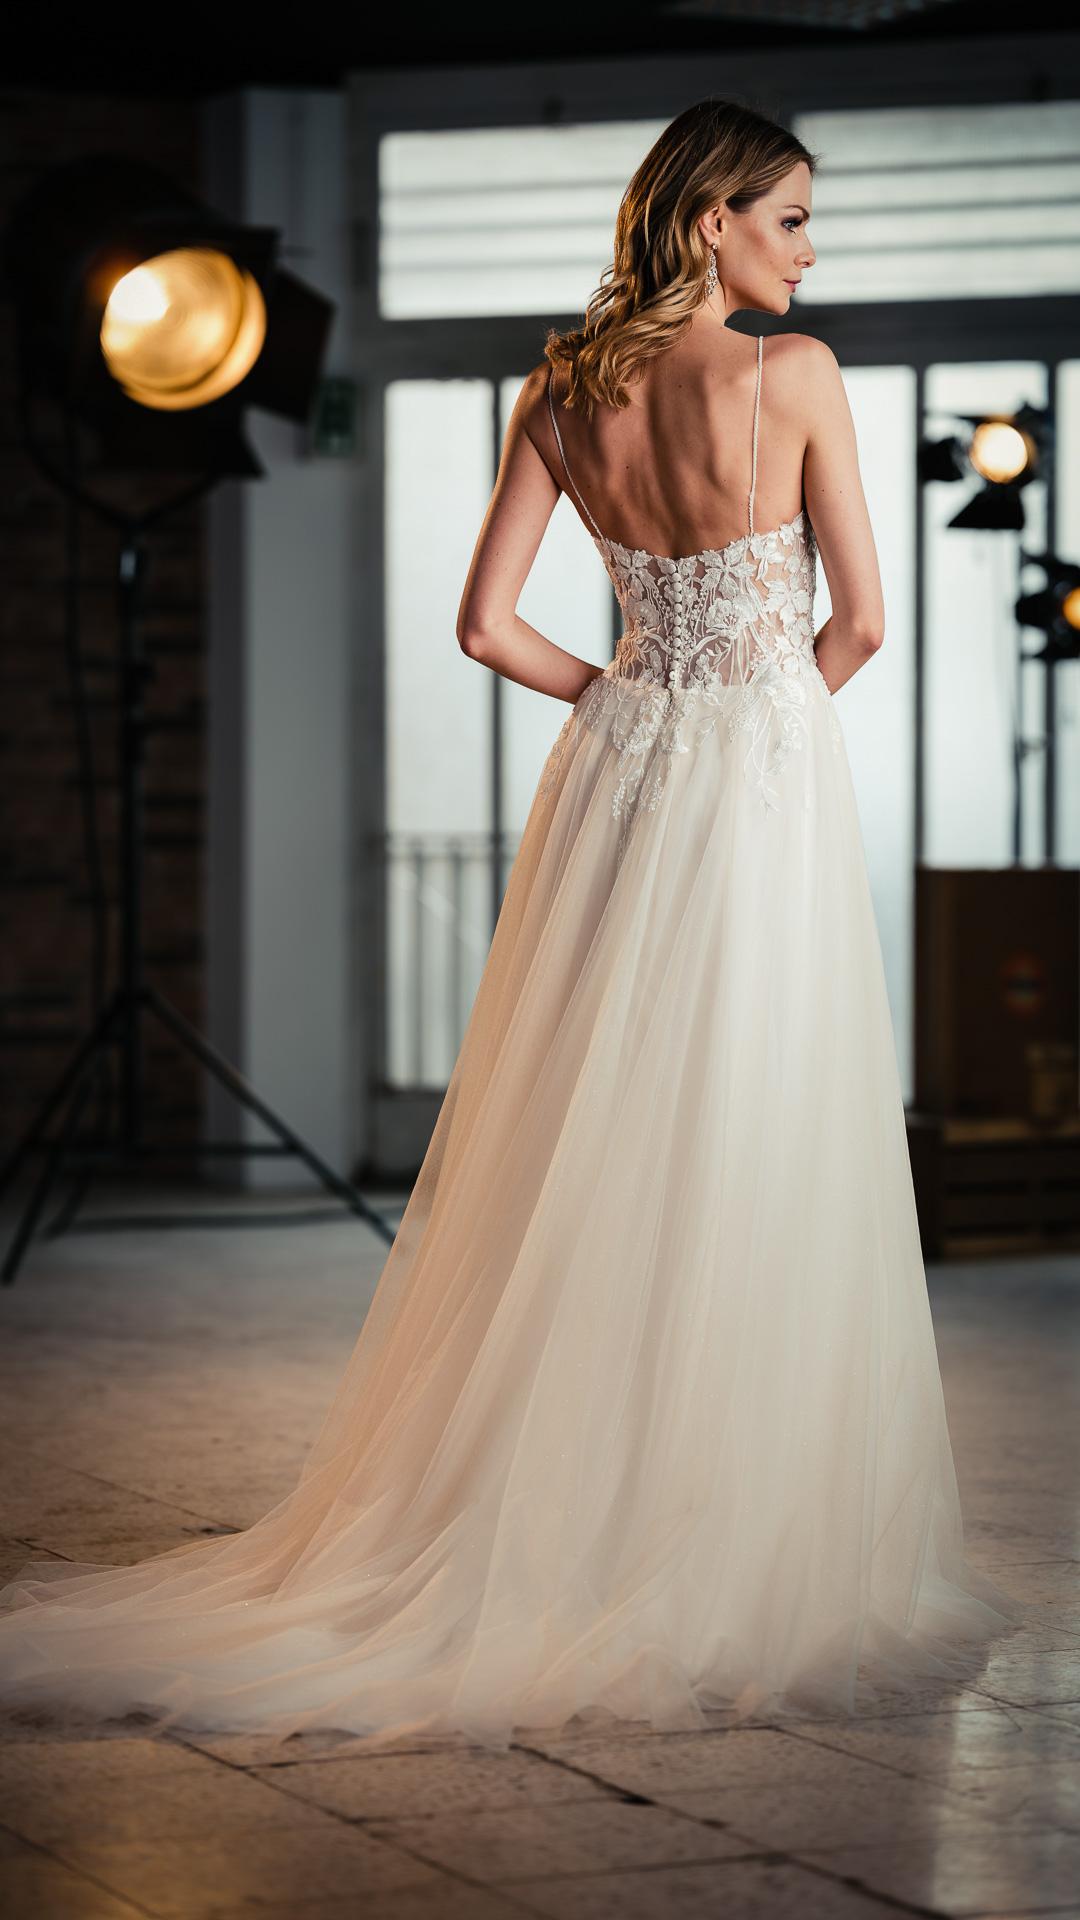 Kollektion 2021 Brautkleid 6704 von DMY